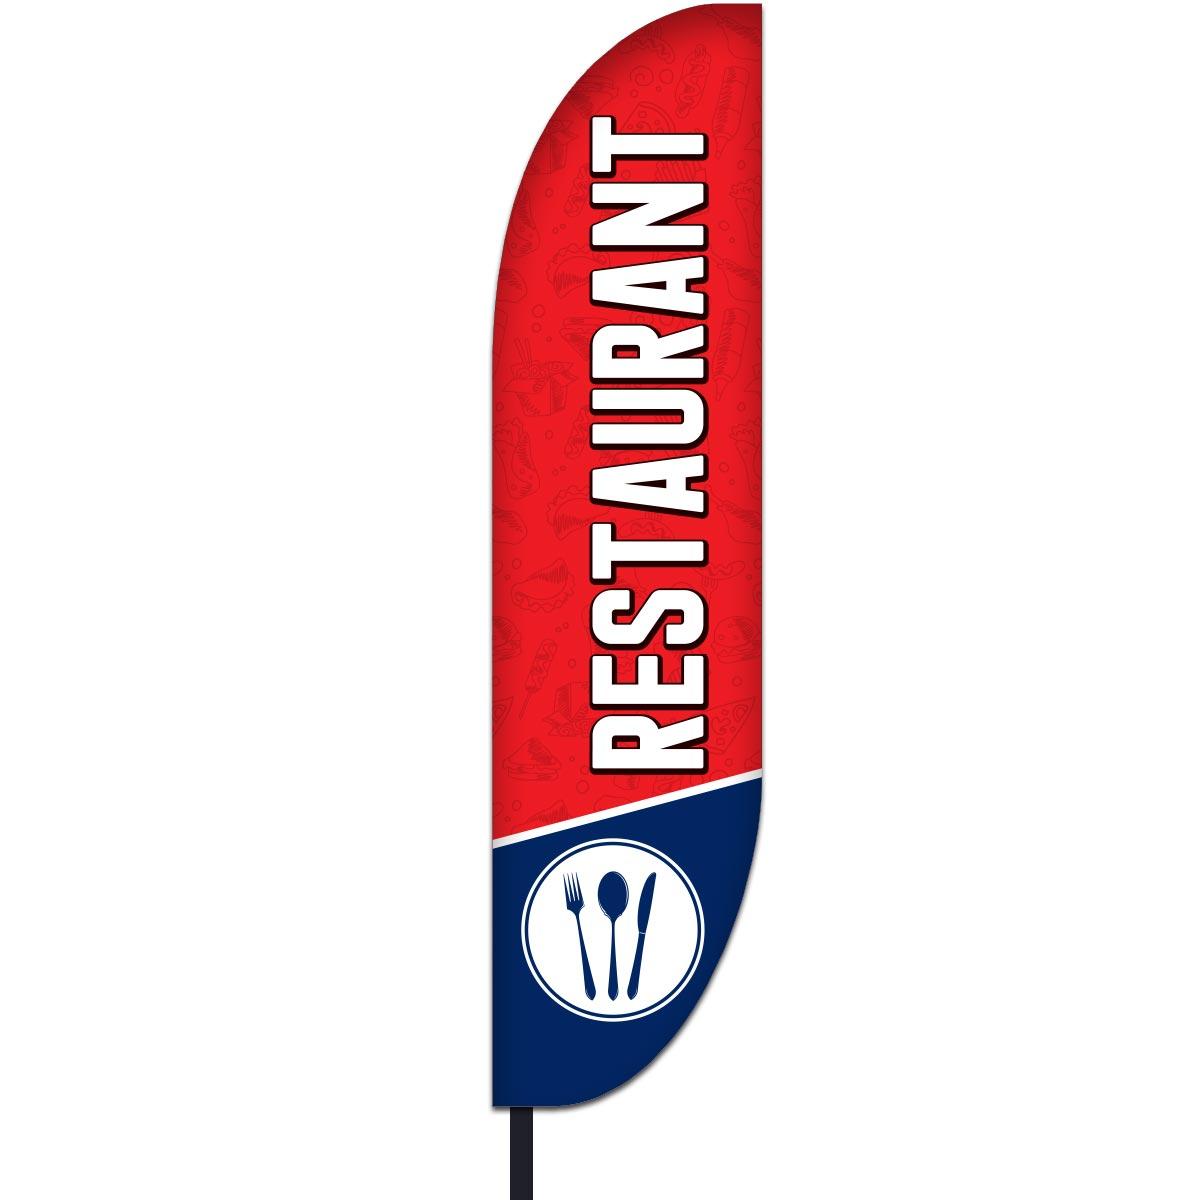 Restaurant Flag Design 01